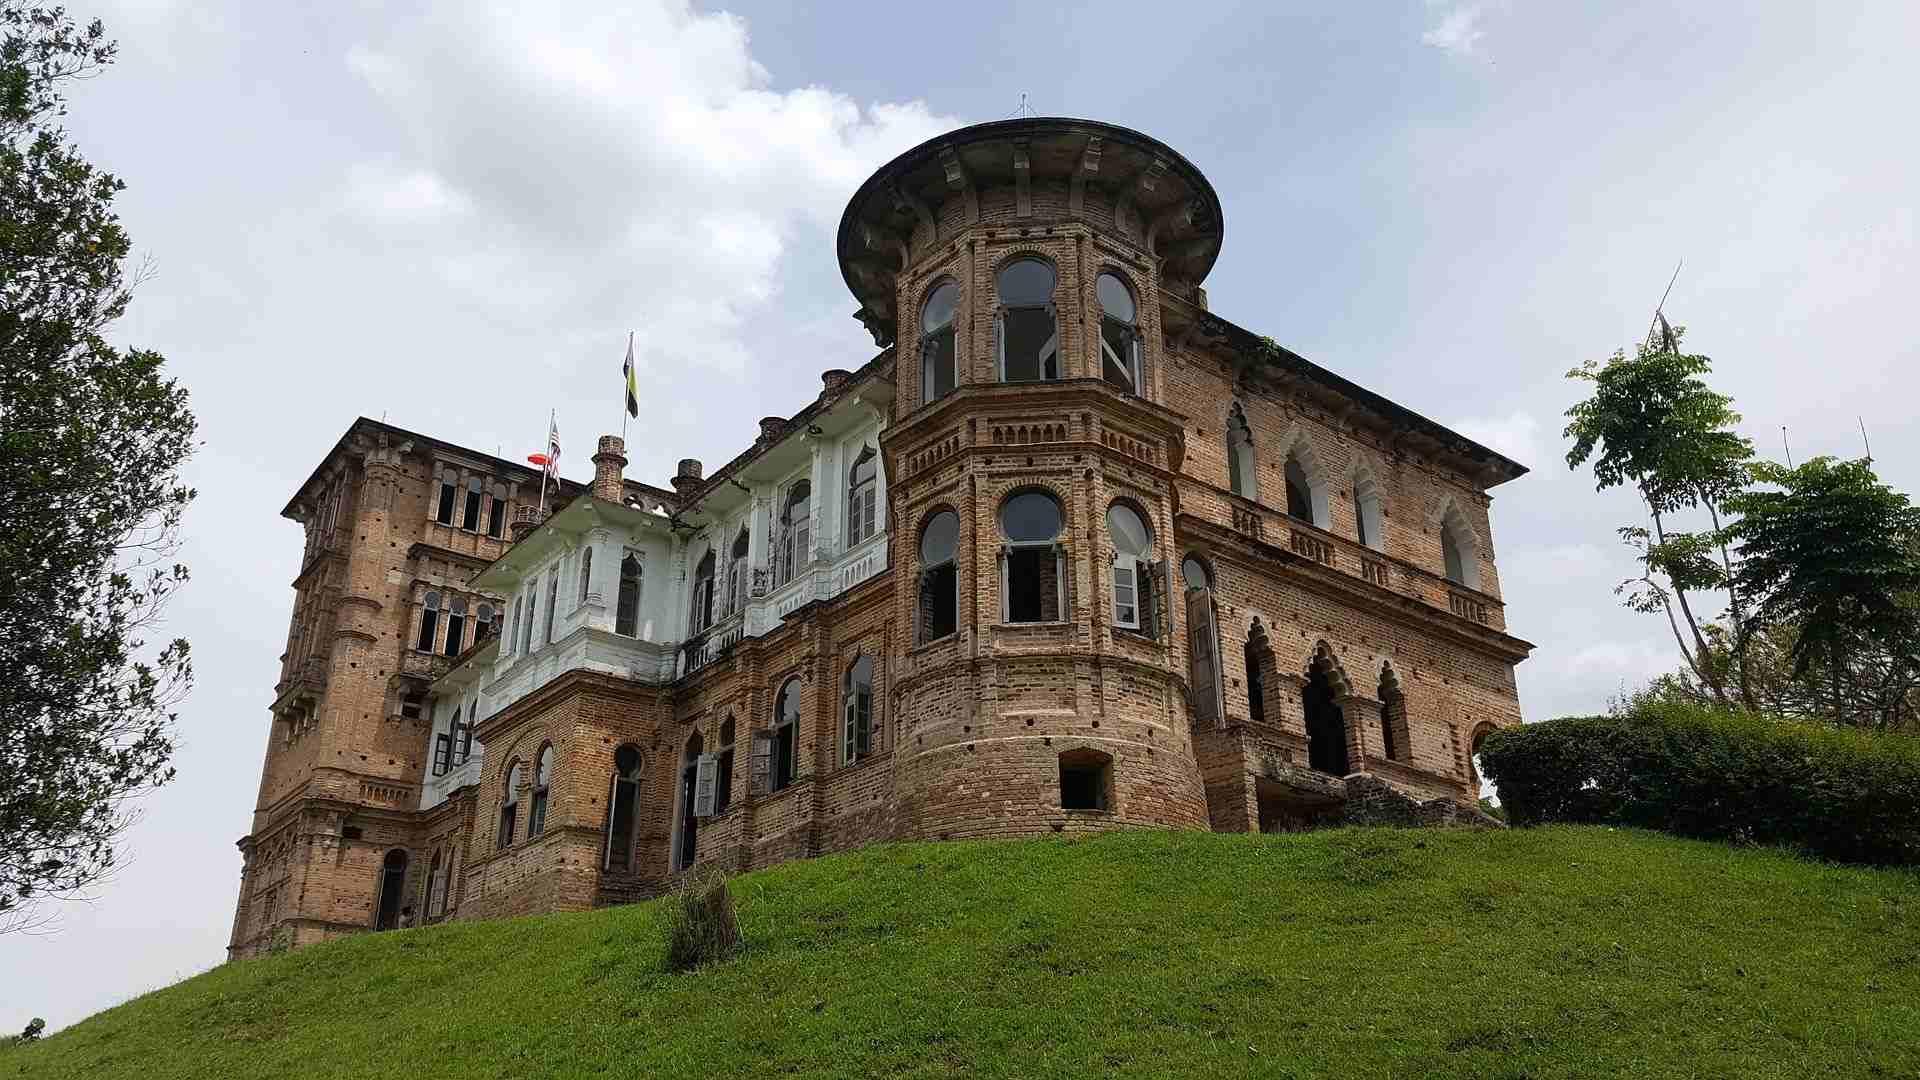 Kellie's Castle near Ipoh